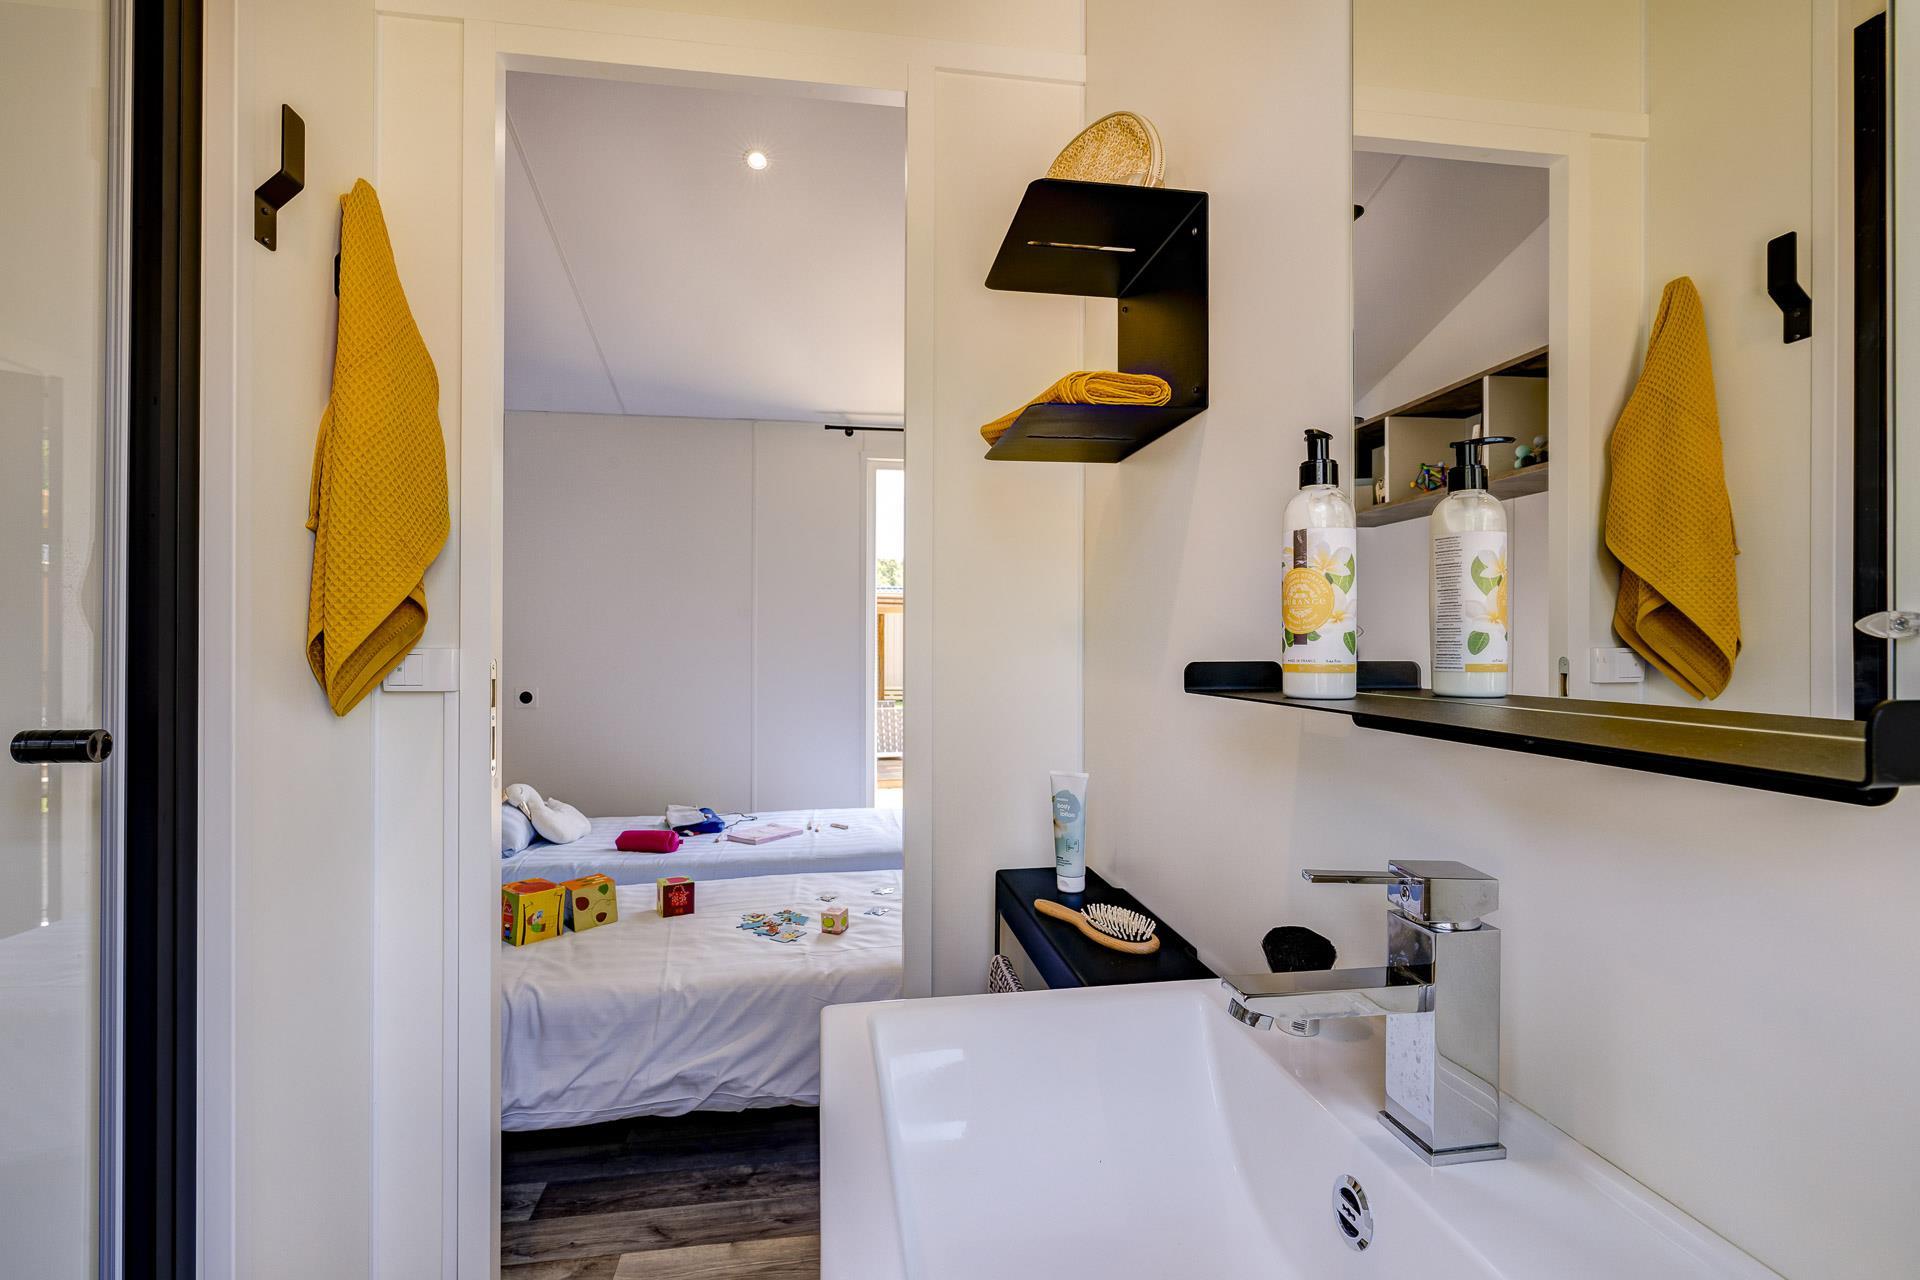 Location - Cottage Cocoon 2 Chambres Premium - Camping Sandaya L'Orée du Bois